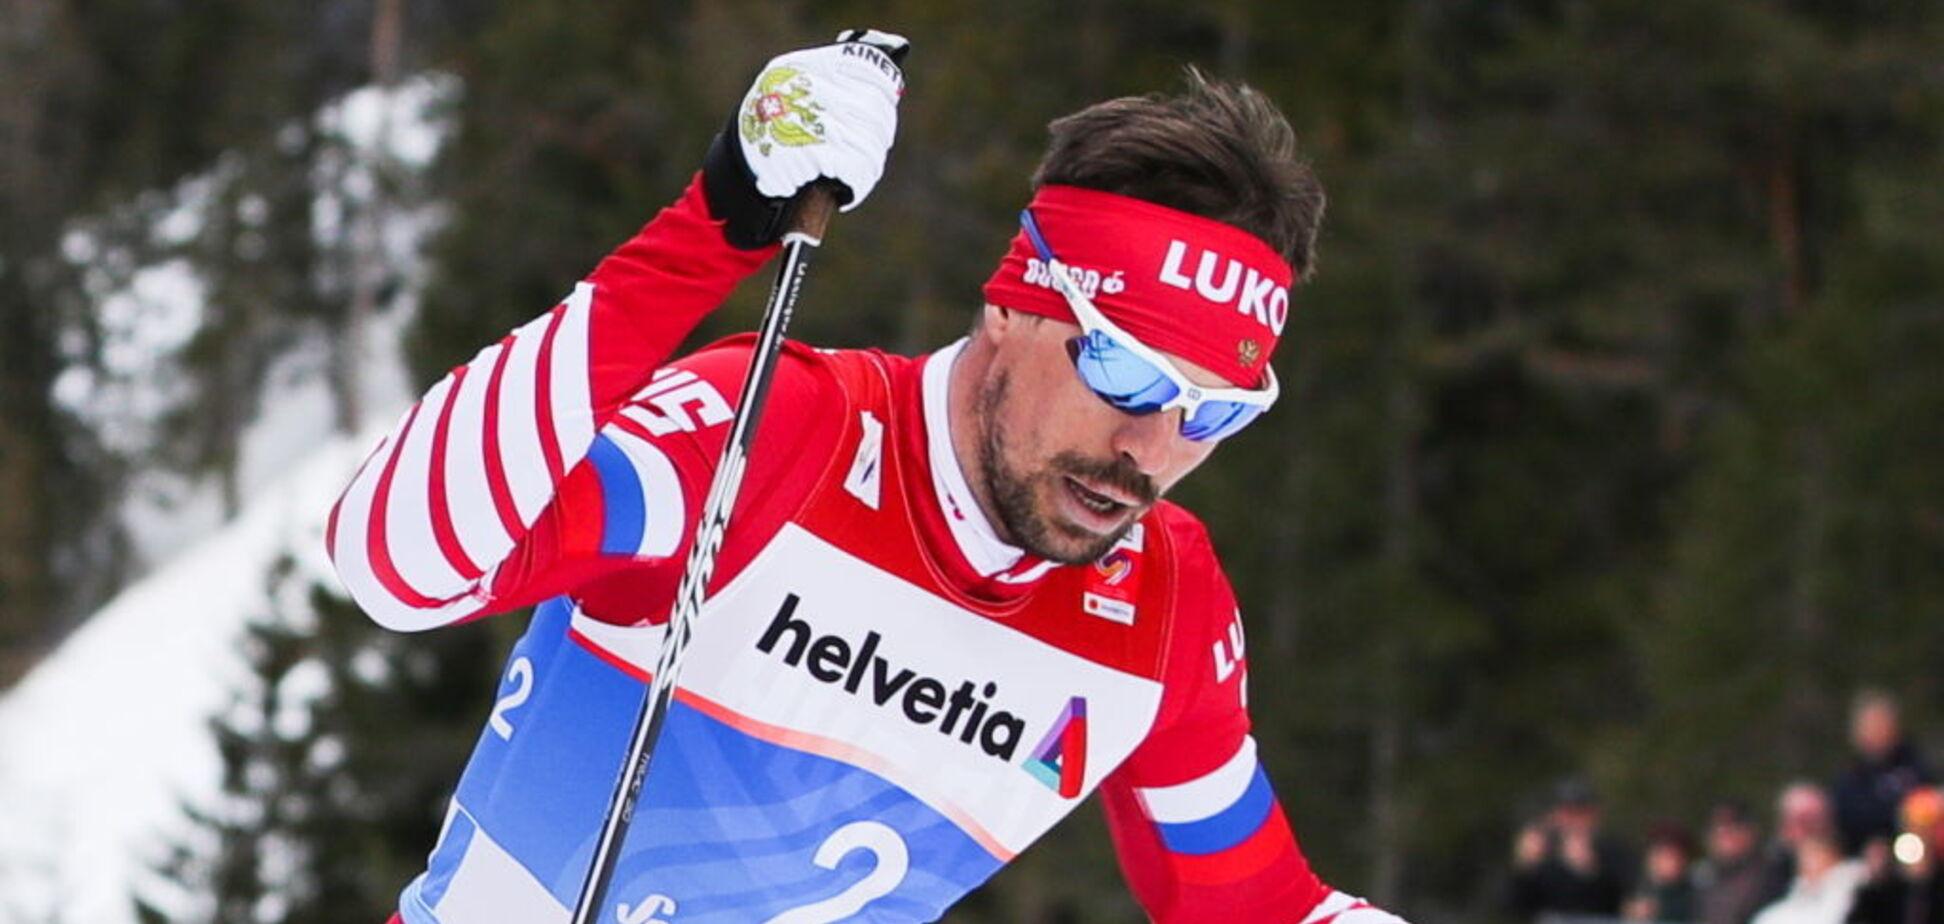 Российский лыжник напал на соперника на чемпионате мира - видеофакт